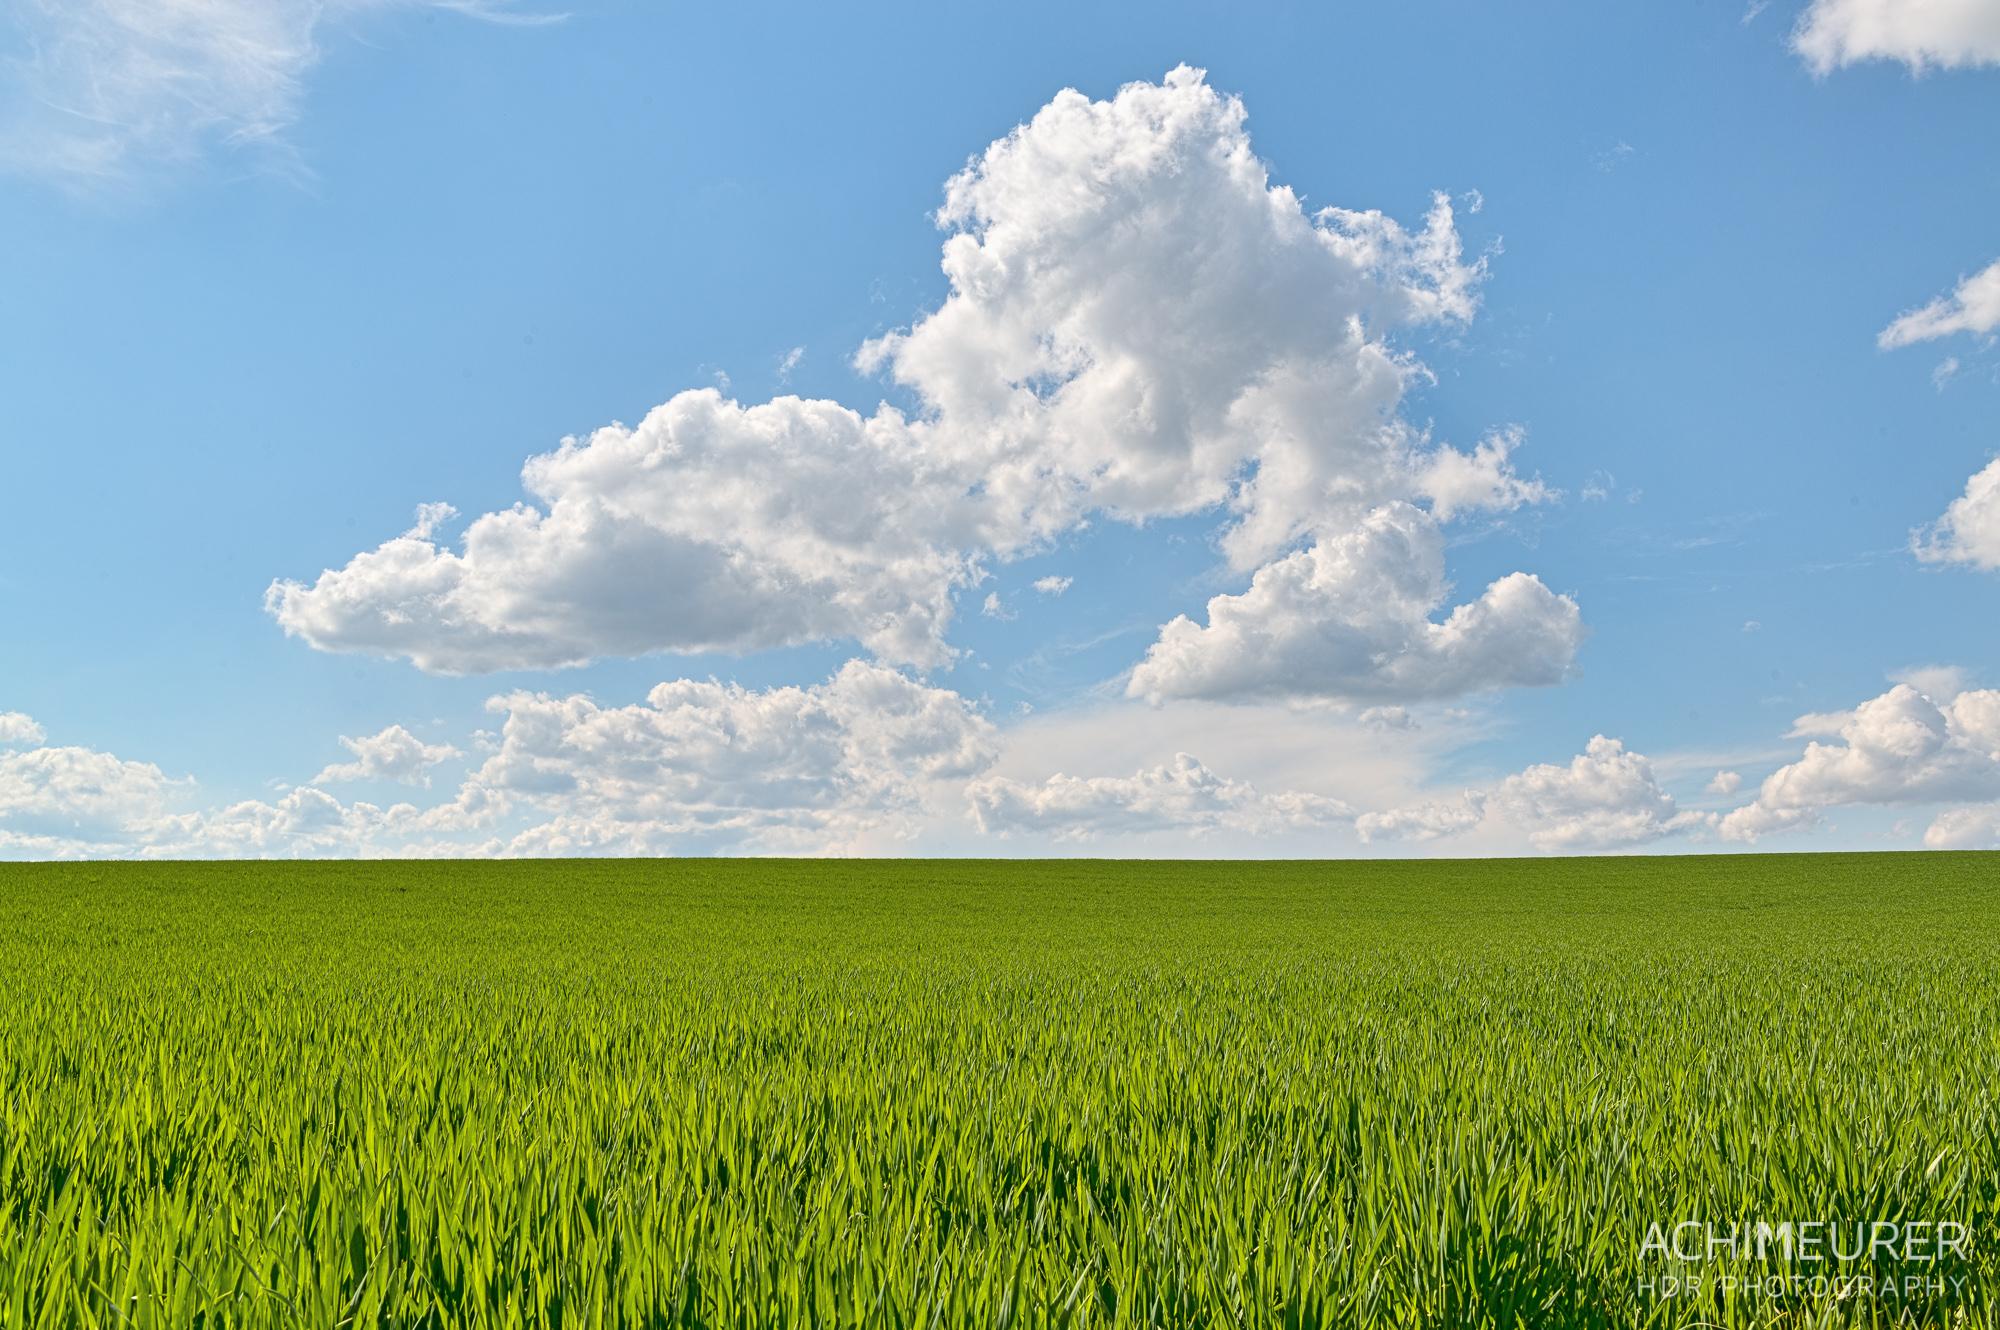 Saechsische-Schweiz-Landschaft-Wolken_9269_8_7_HDR